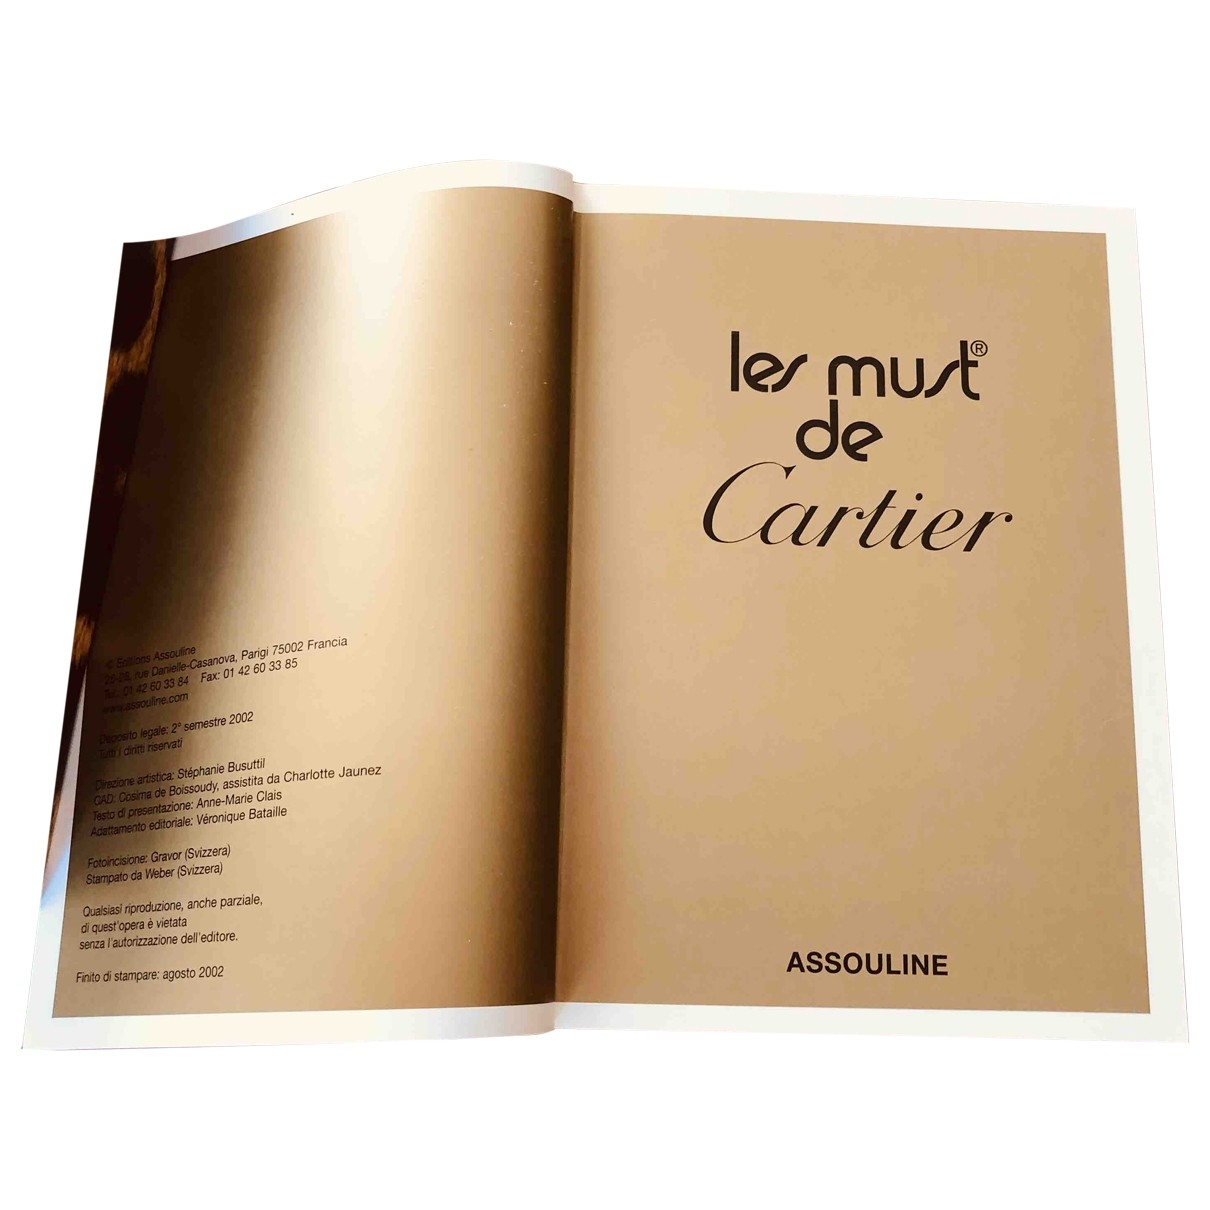 Moda Cartier